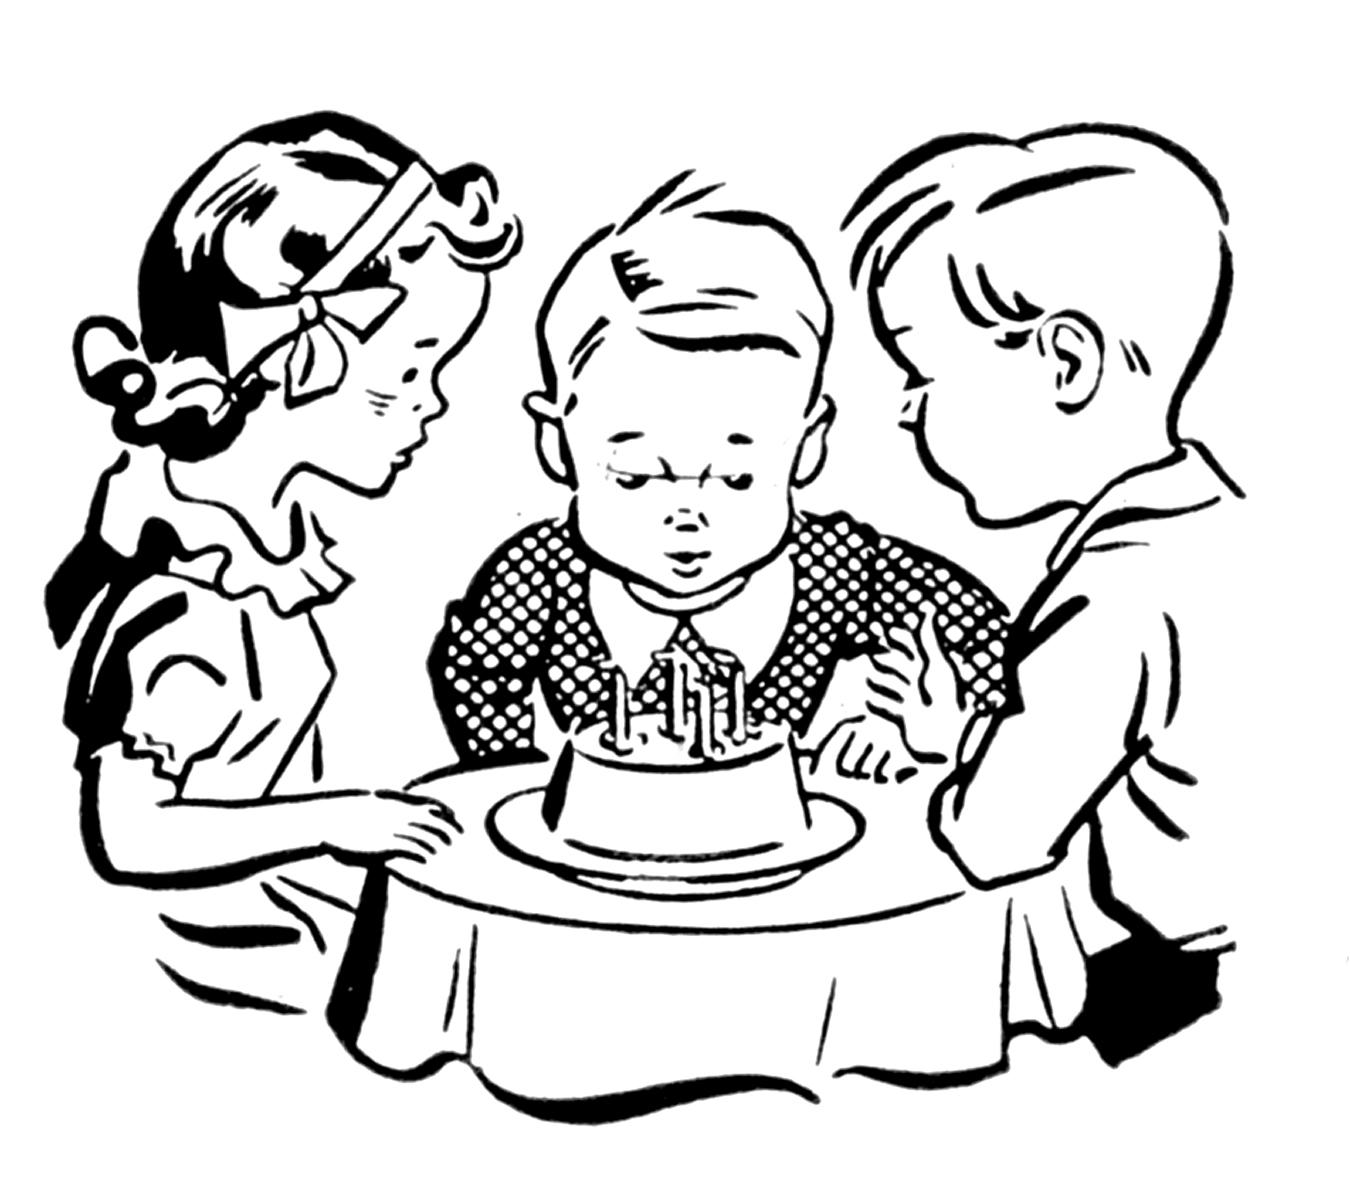 Retro Clip Art - Cute Kids - The Graphics Fairy: thegraphicsfairy.com/retro-clip-art-cute-kids